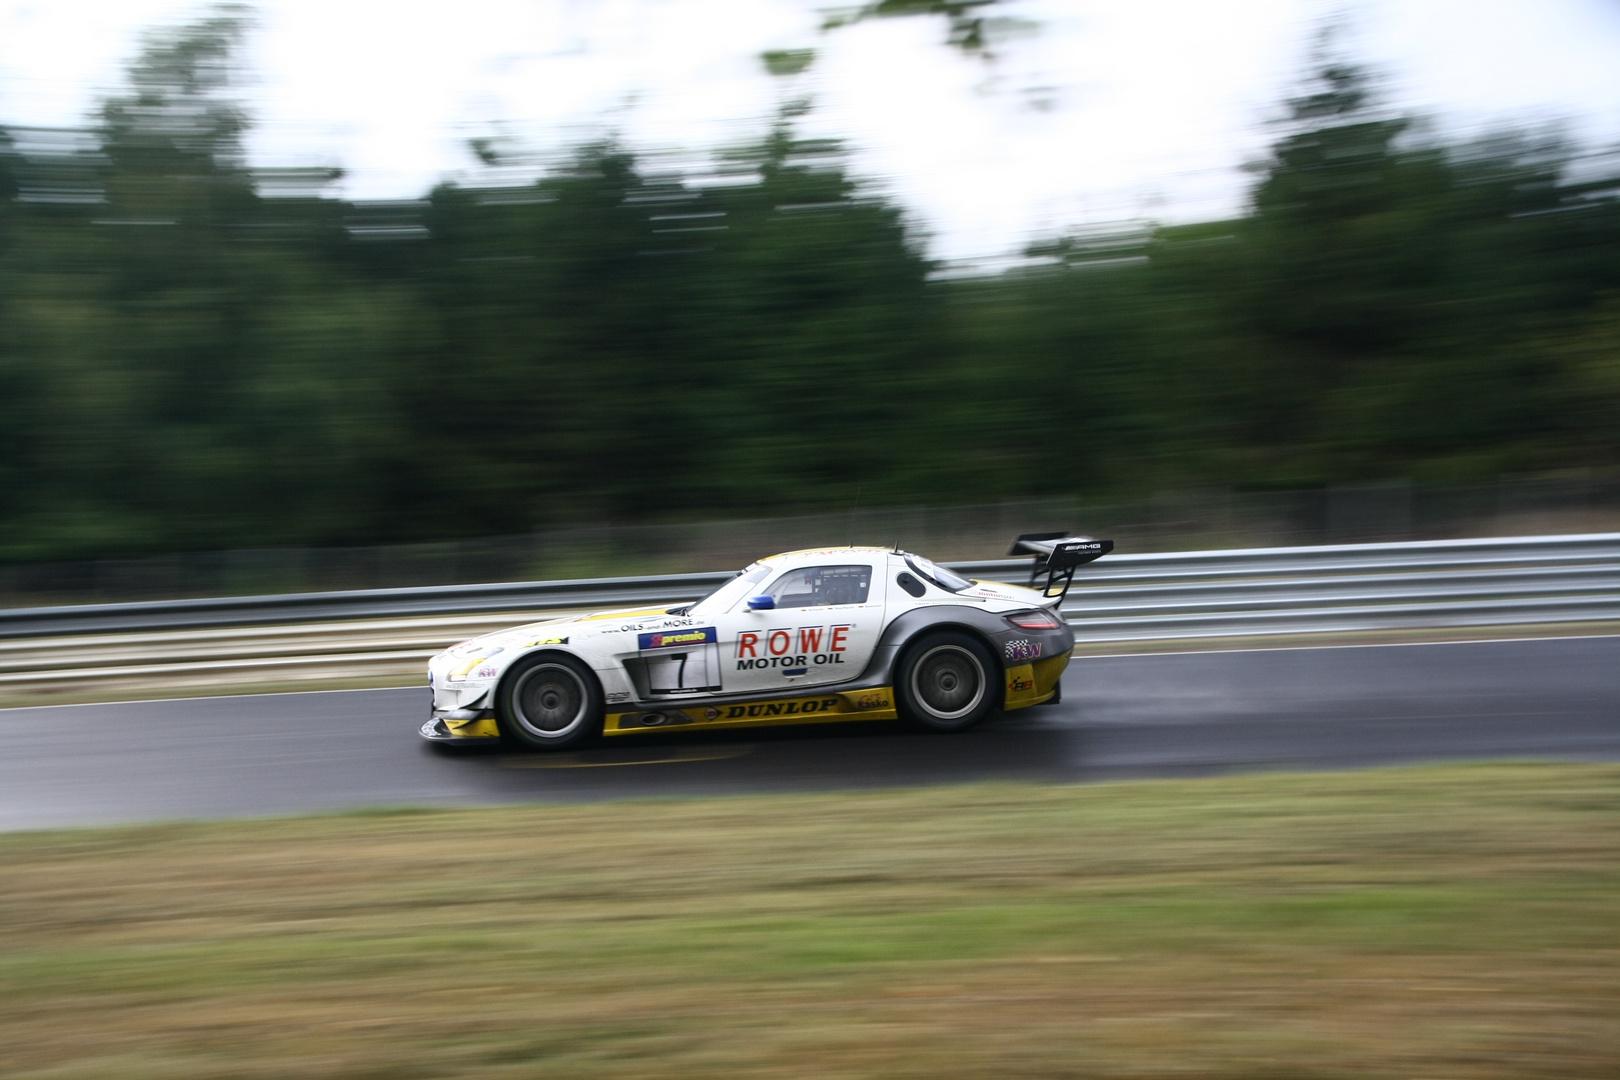 Rowe Racing SLS#7